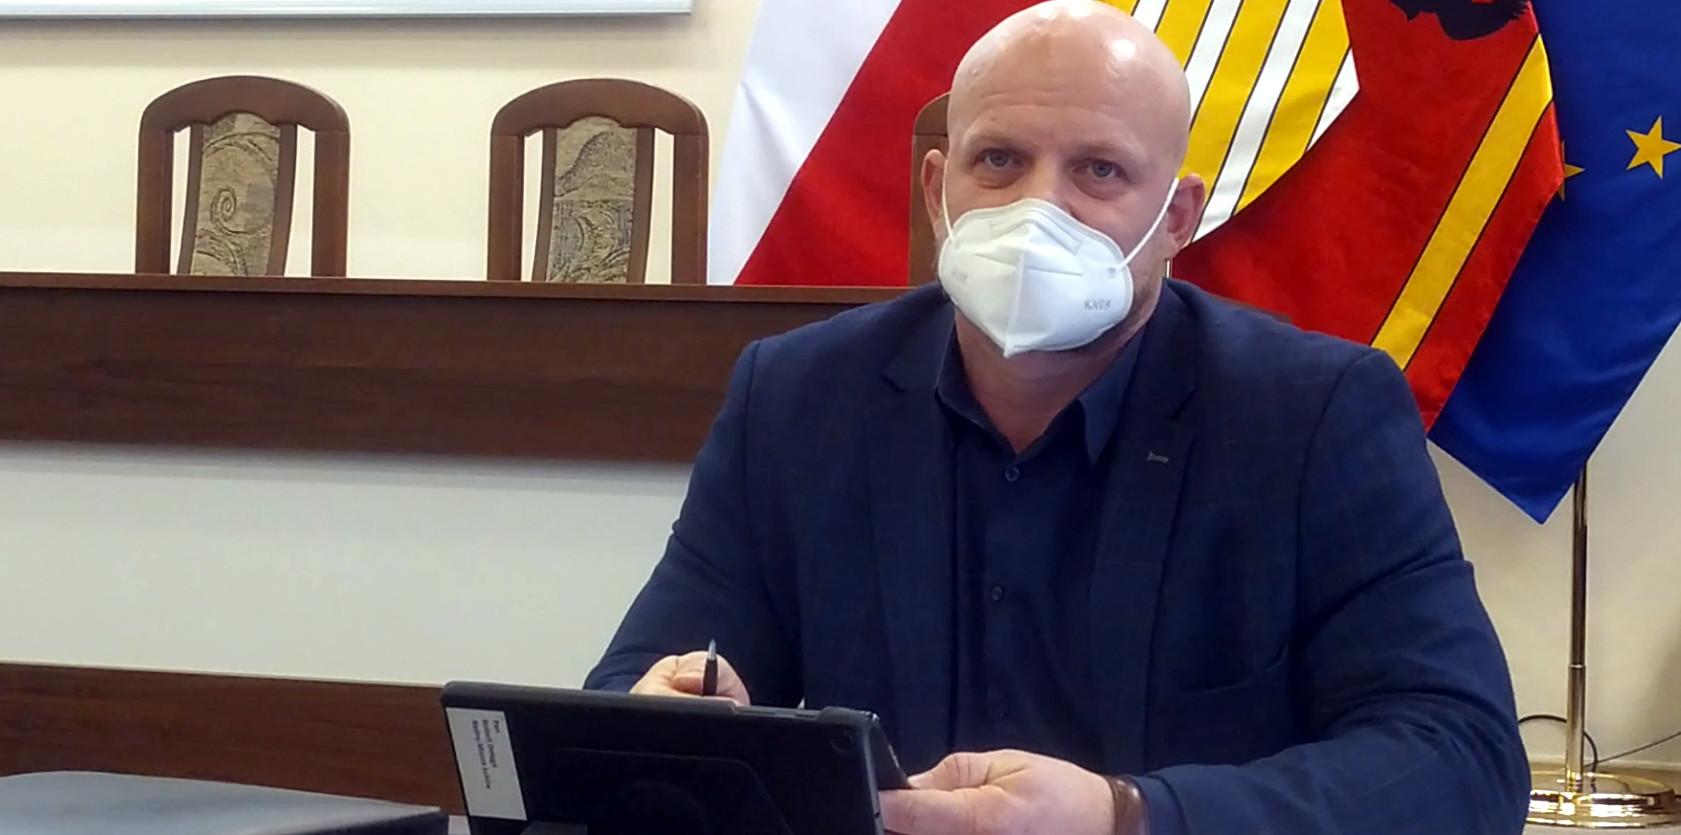 Petycja ws. szczepień trafiła do kosza (WIDEO) - Zdjęcie główne